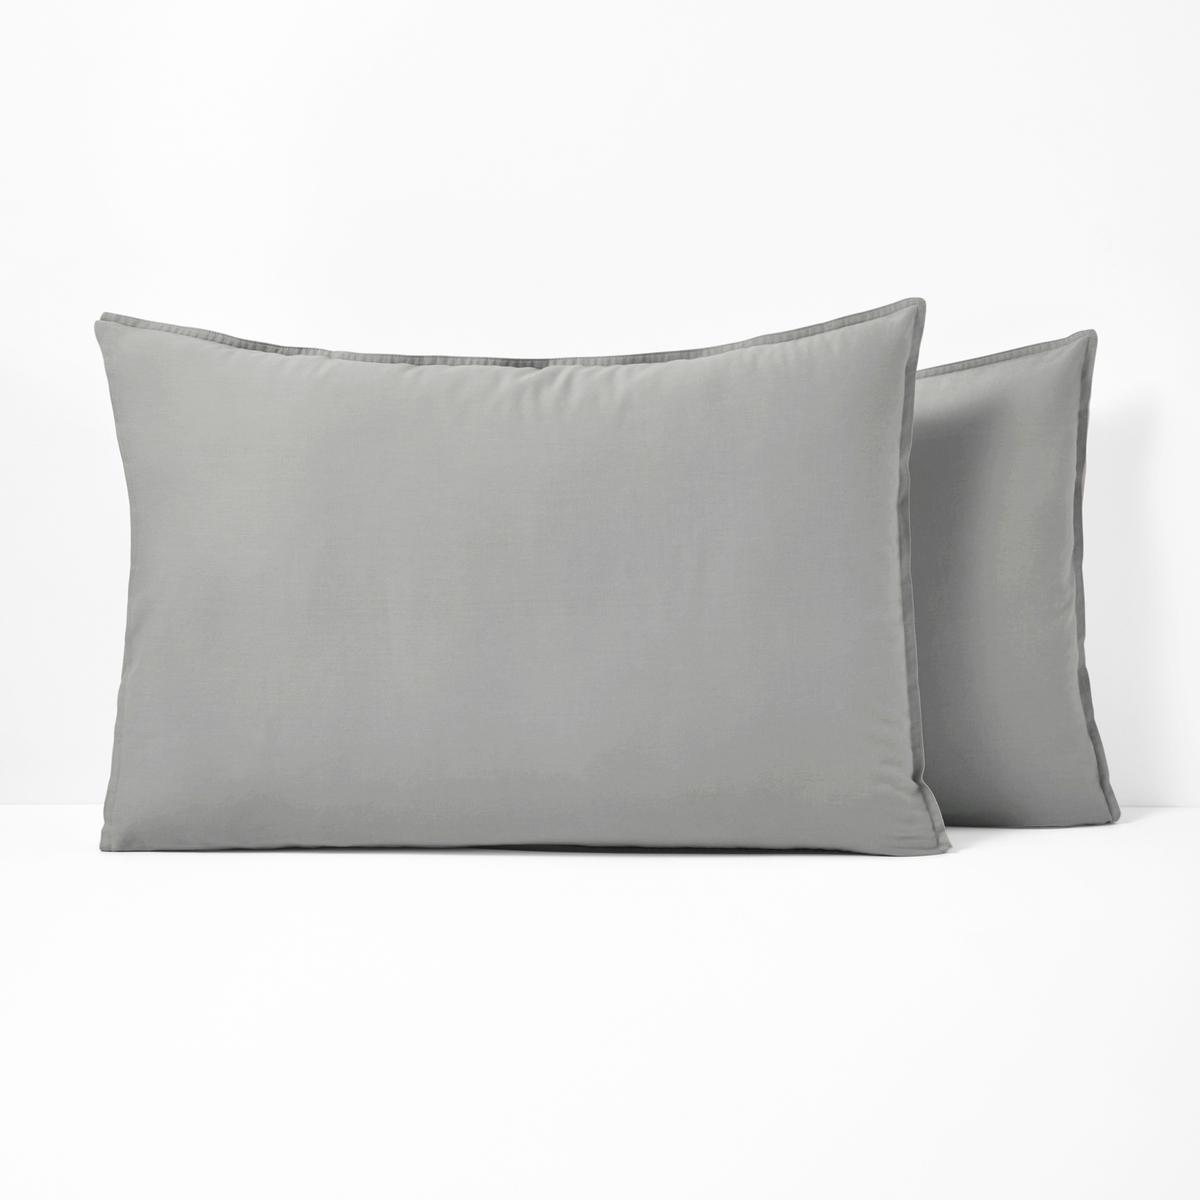 Fronha de almofada lisa, em algodão lavado, SCENARIO